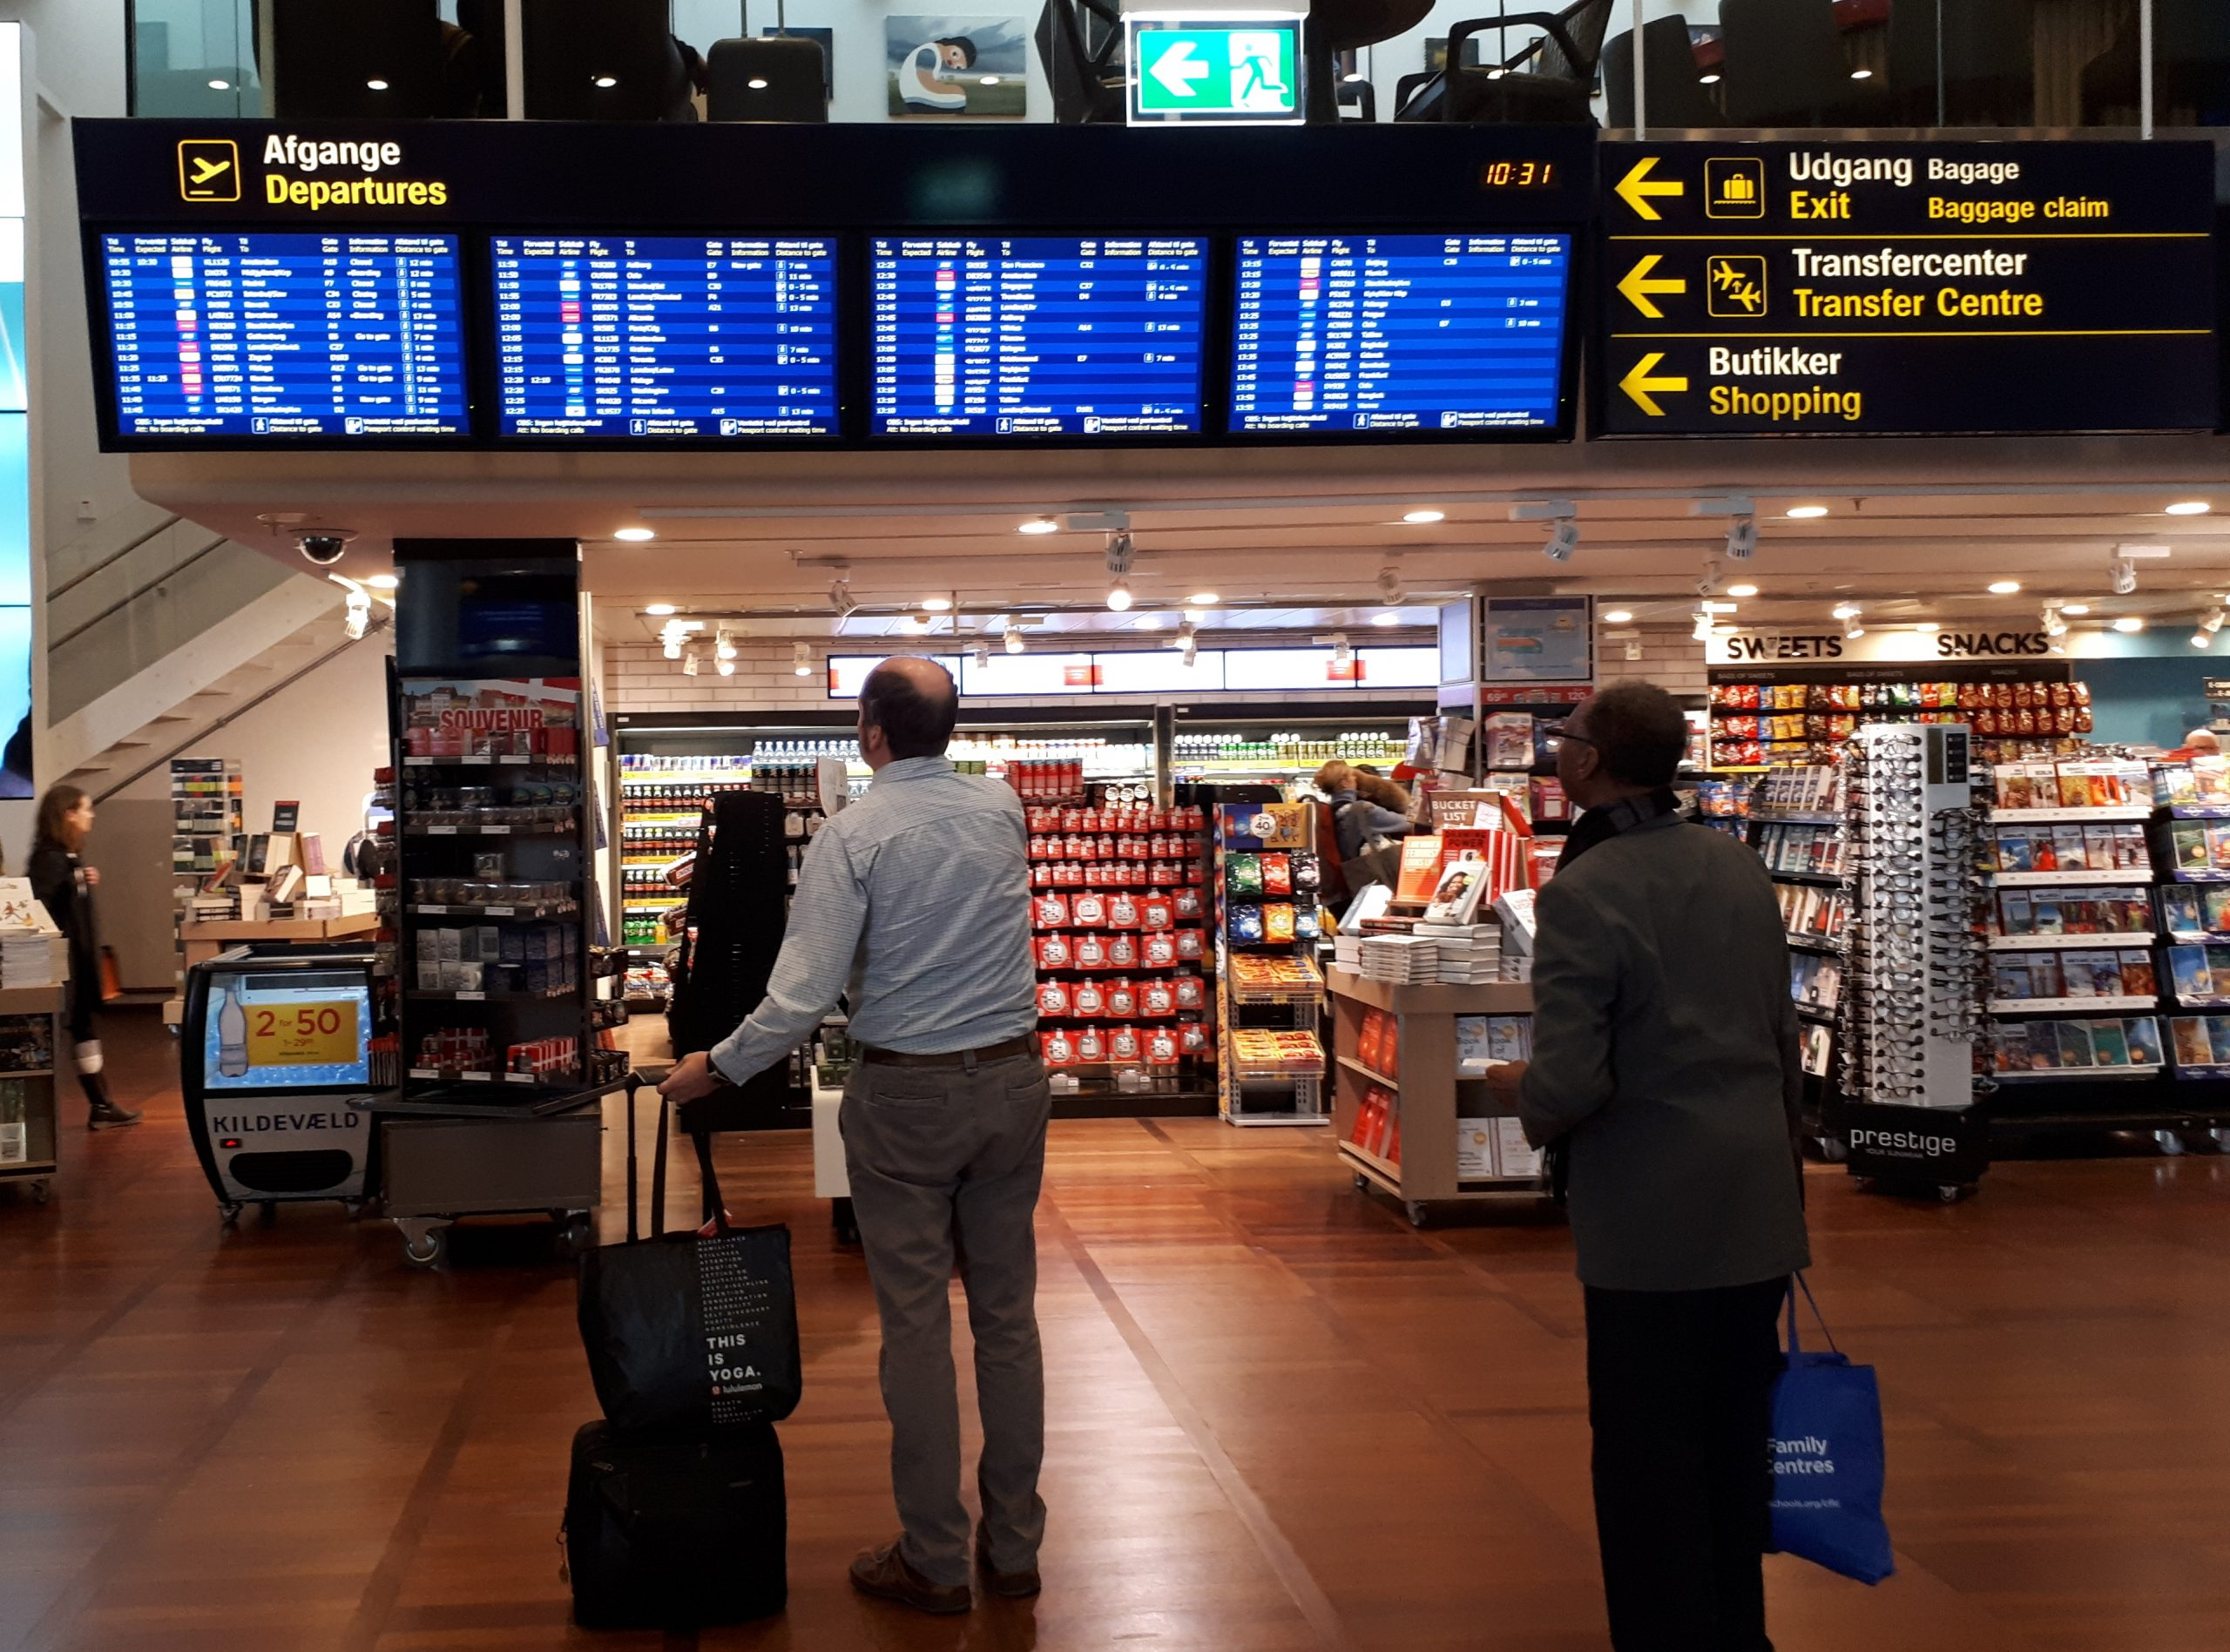 Der er ikke udsigt til at hele erhvervslivet vender tilbage til samme rejseniveau som i 2019, når de danske restriktioner forsvinder. Arkivfoto fra Københavns Lufthavn: Henrik Baumgarten.